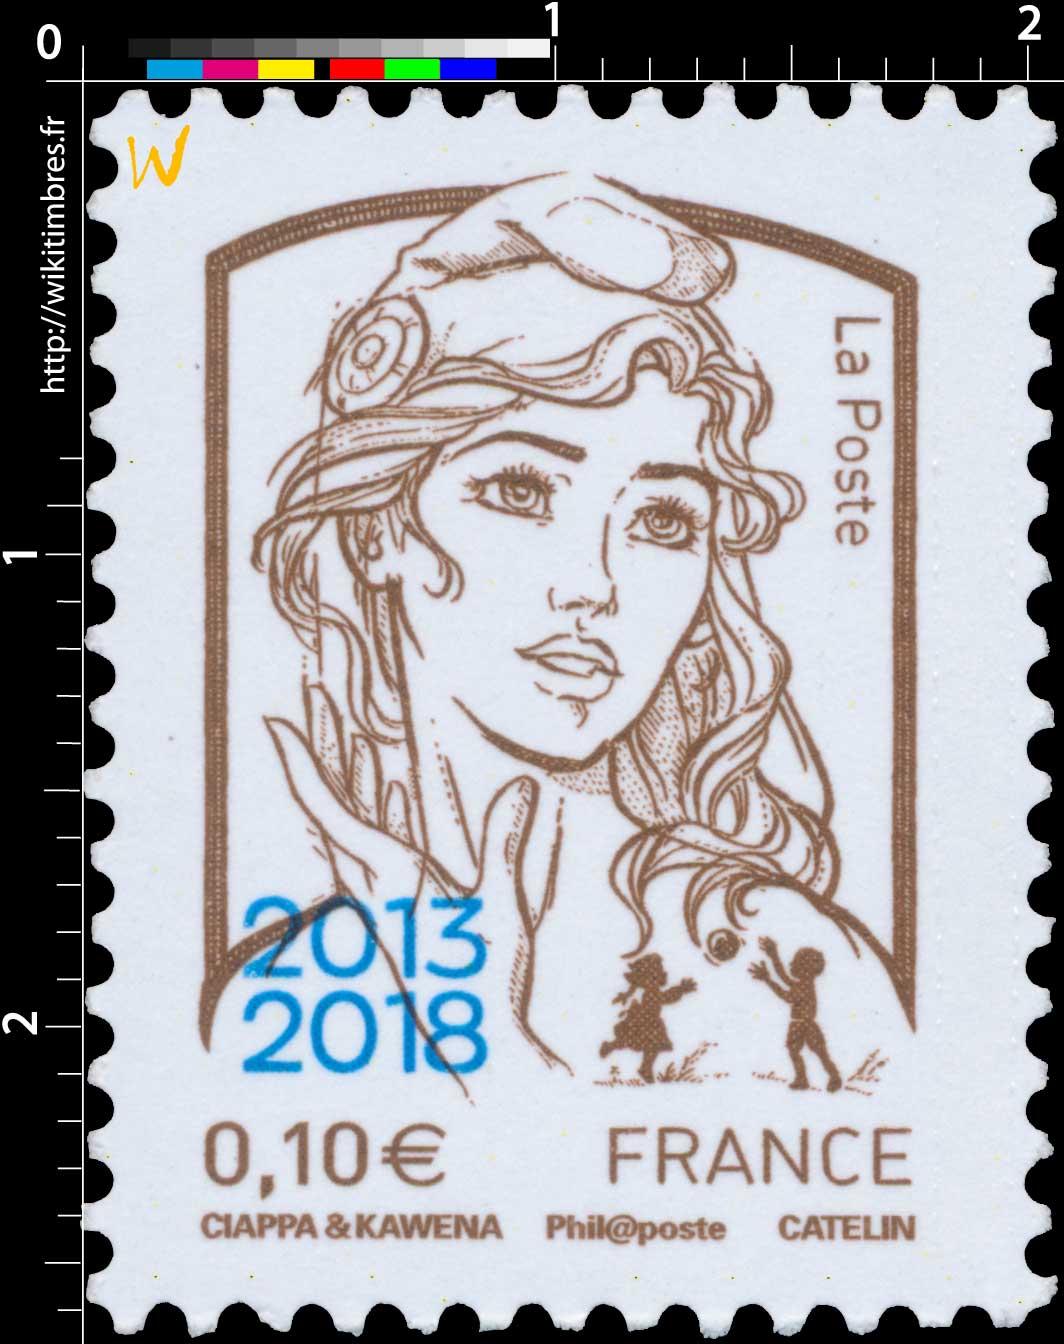 2018 Marianne et la Jeunesse 2013 - 2018